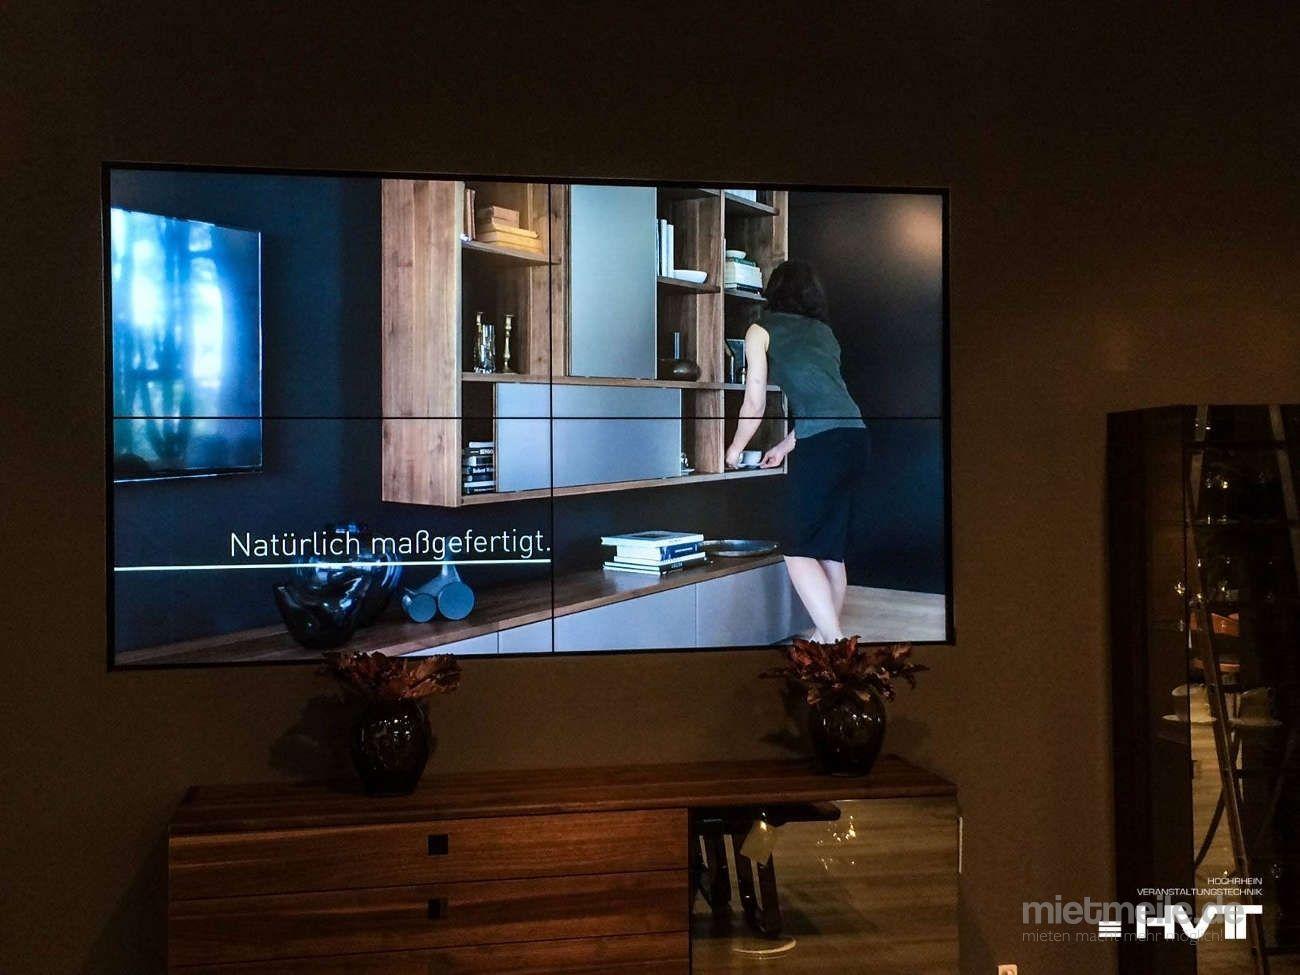 LCD Monitore mieten & vermieten - LCD-Displays Steglos in Waldshut-Tiengen